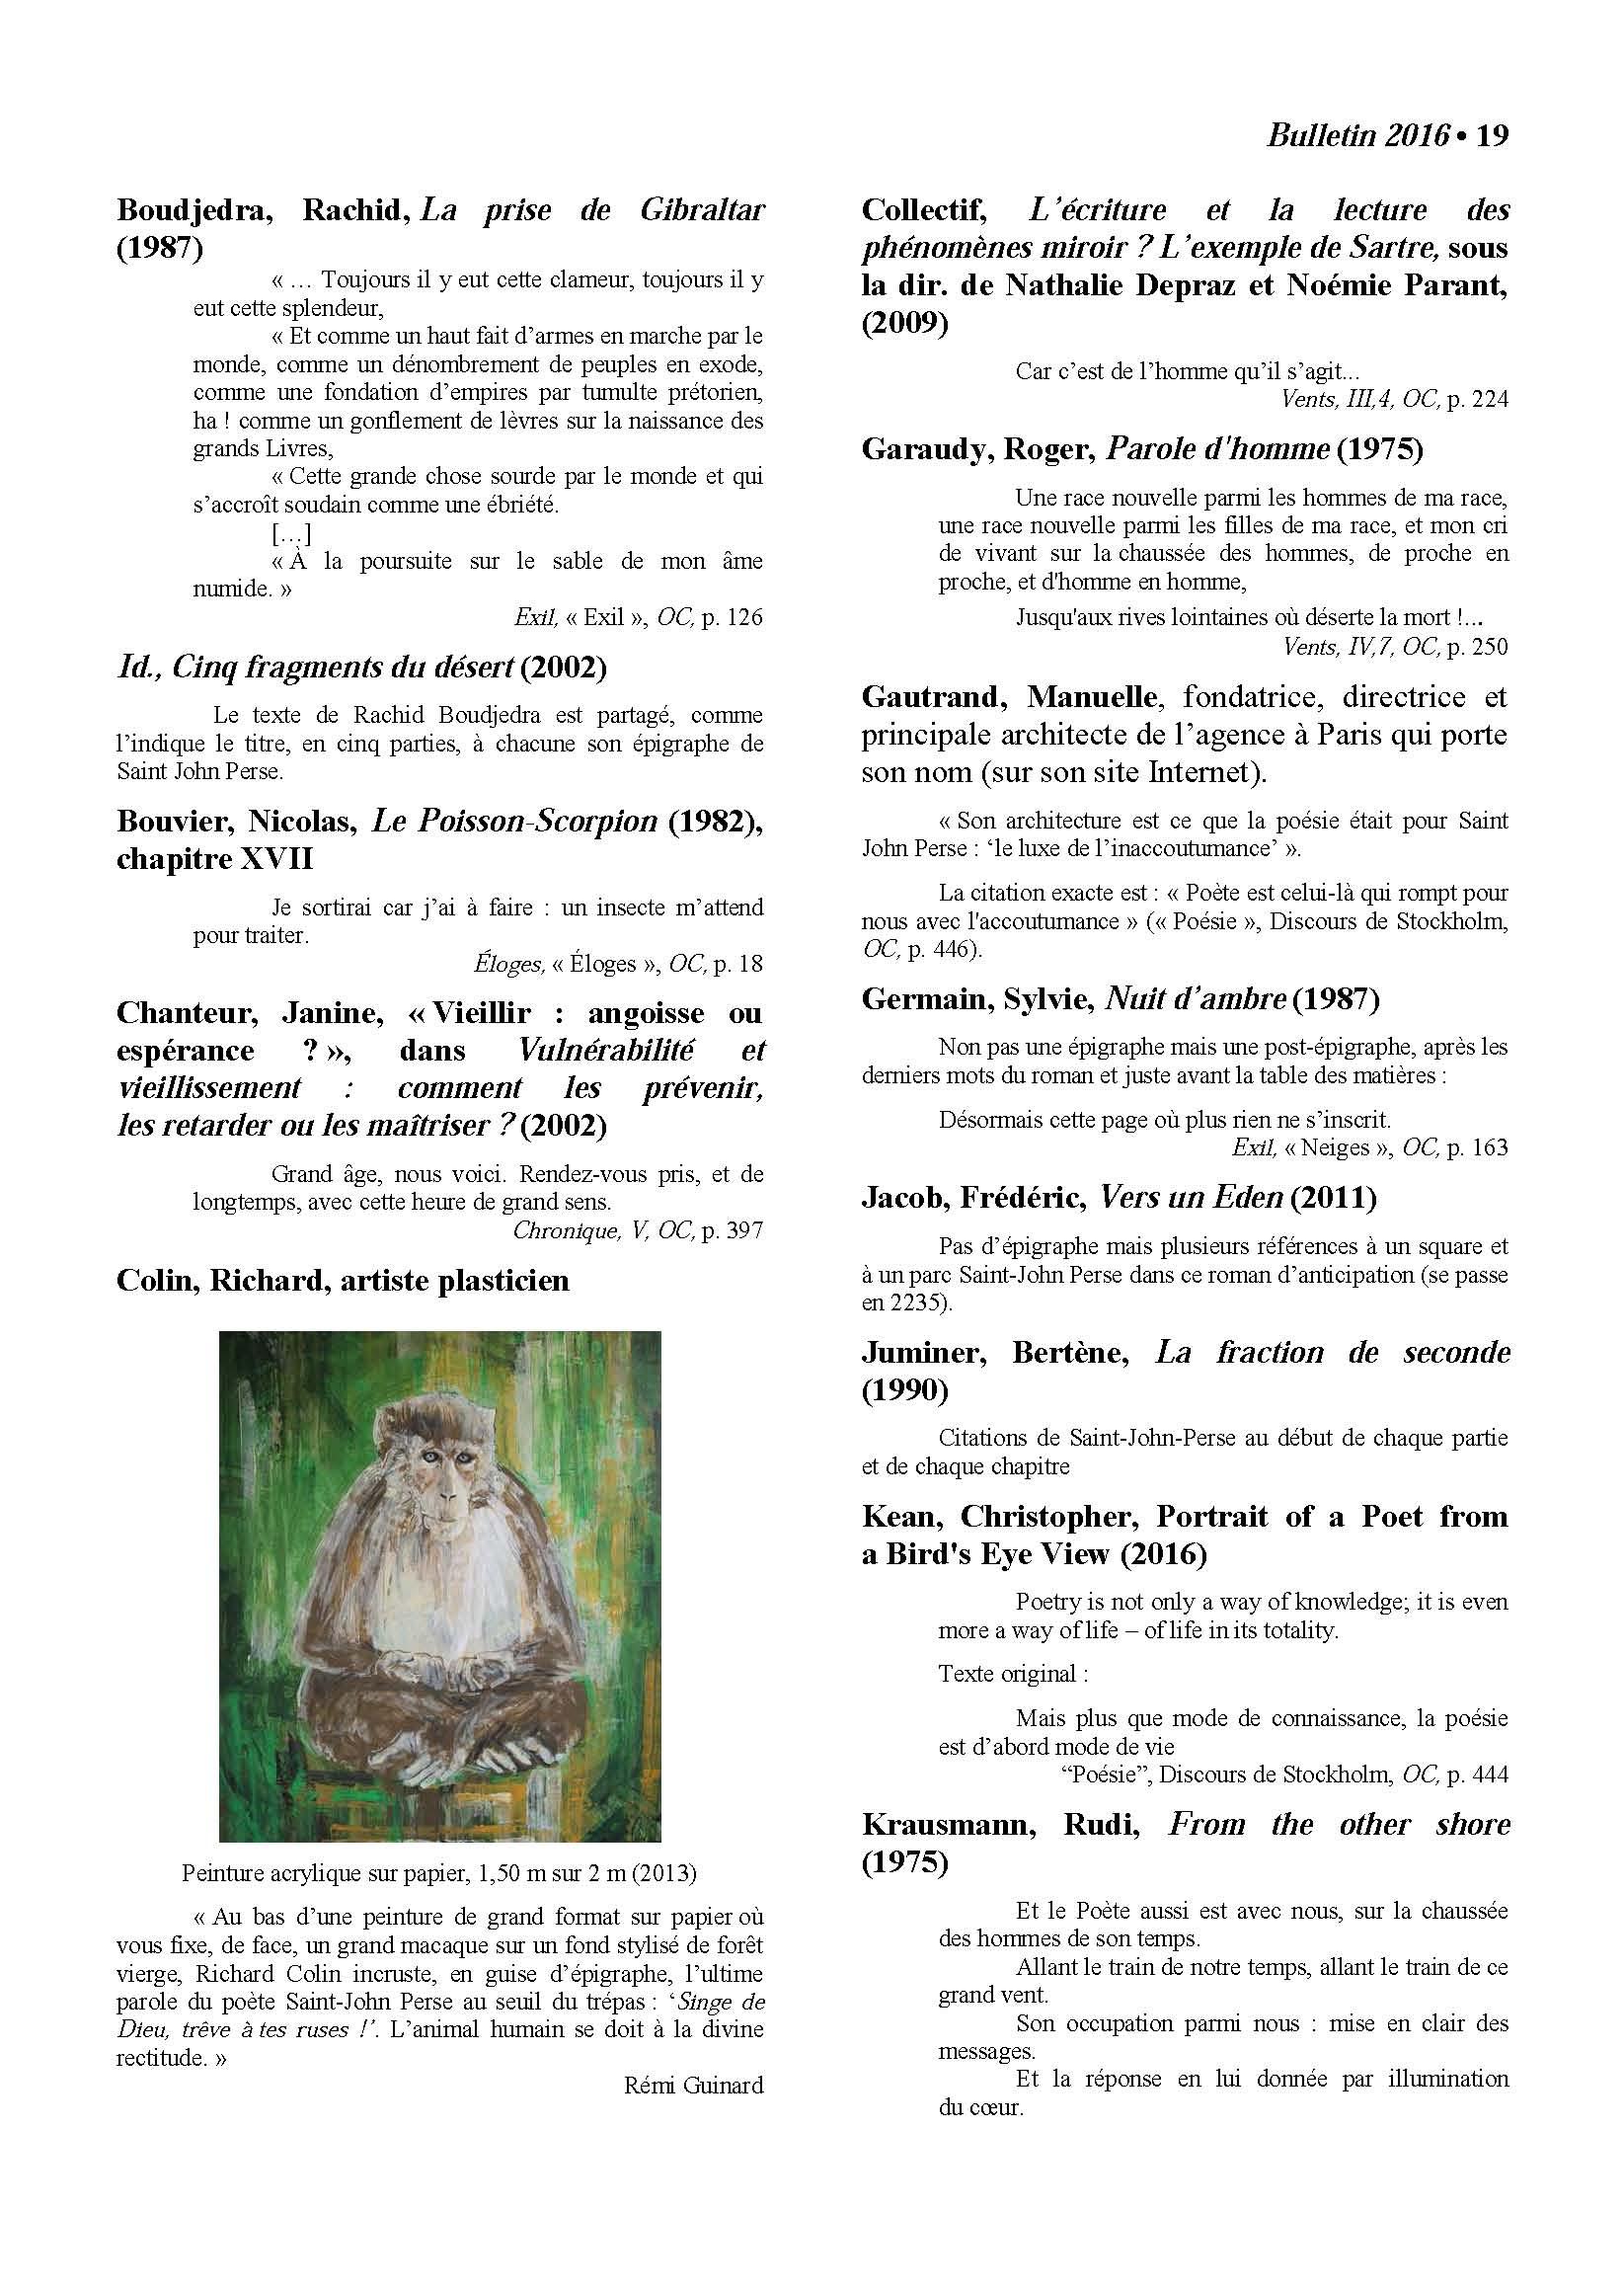 bulletin_2016_aafsjp-19